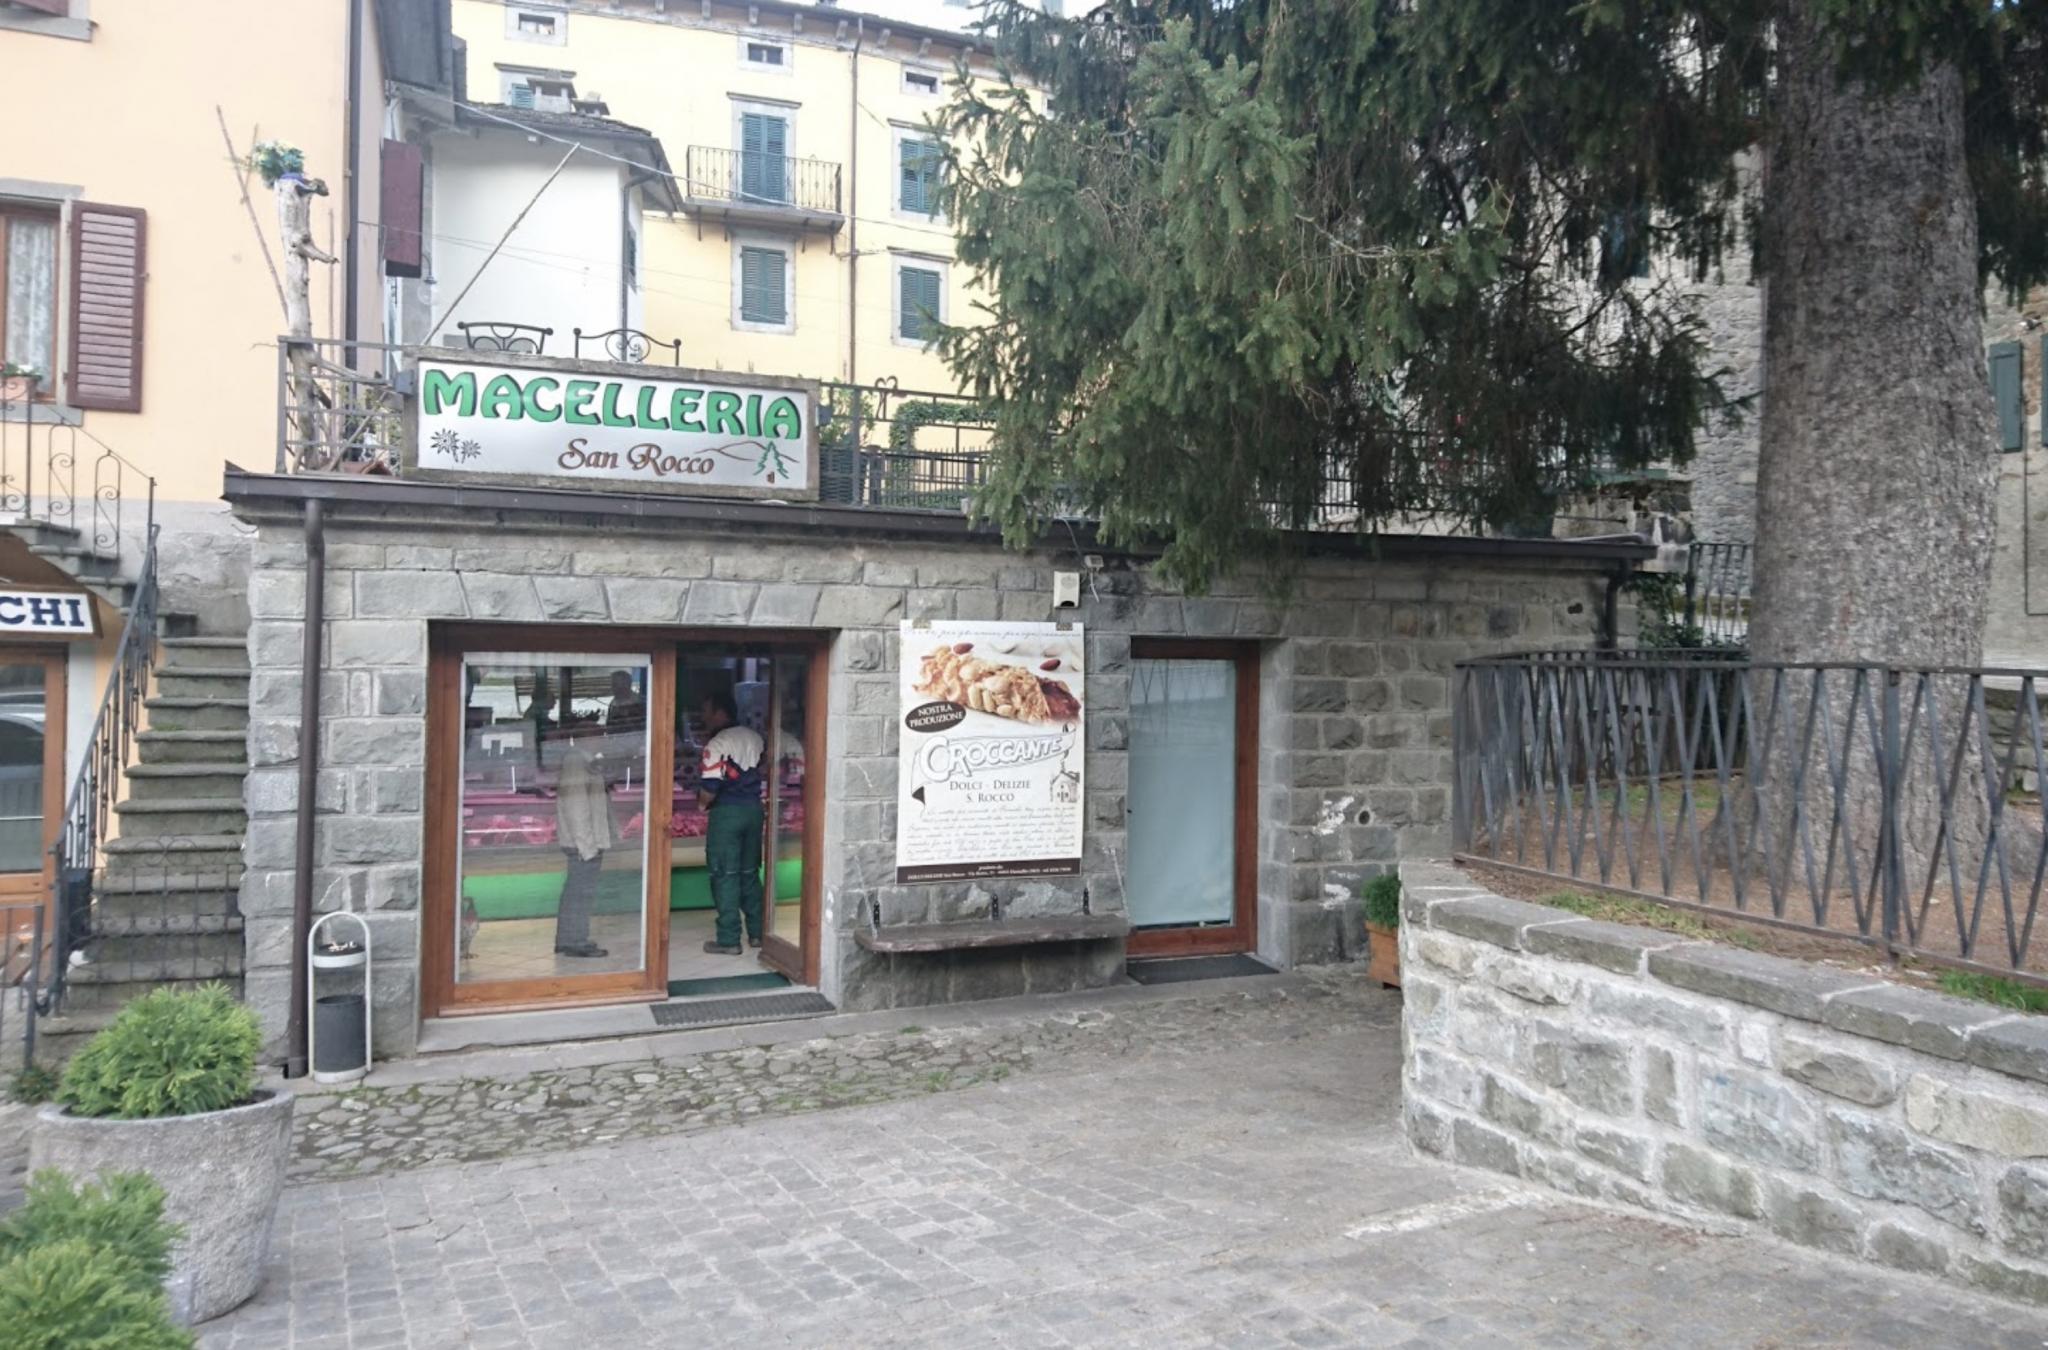 Macelleria San Rocco